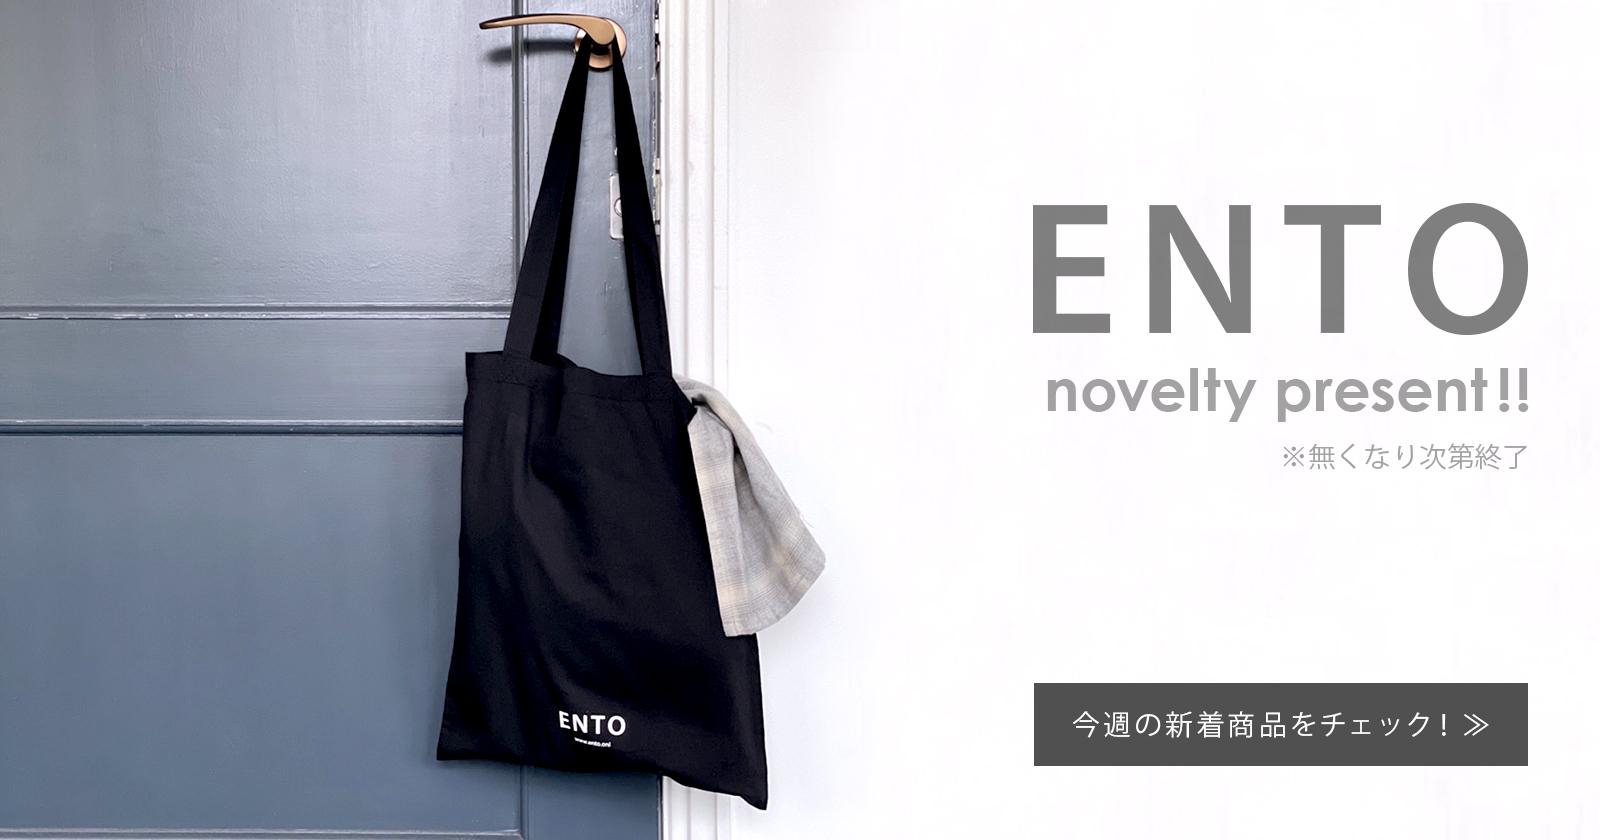 レディースファッションブランドENTO(エント)2021年秋冬コレクション!ENTOオリジナルコットンエコバックをノベルティとしてプレゼント!